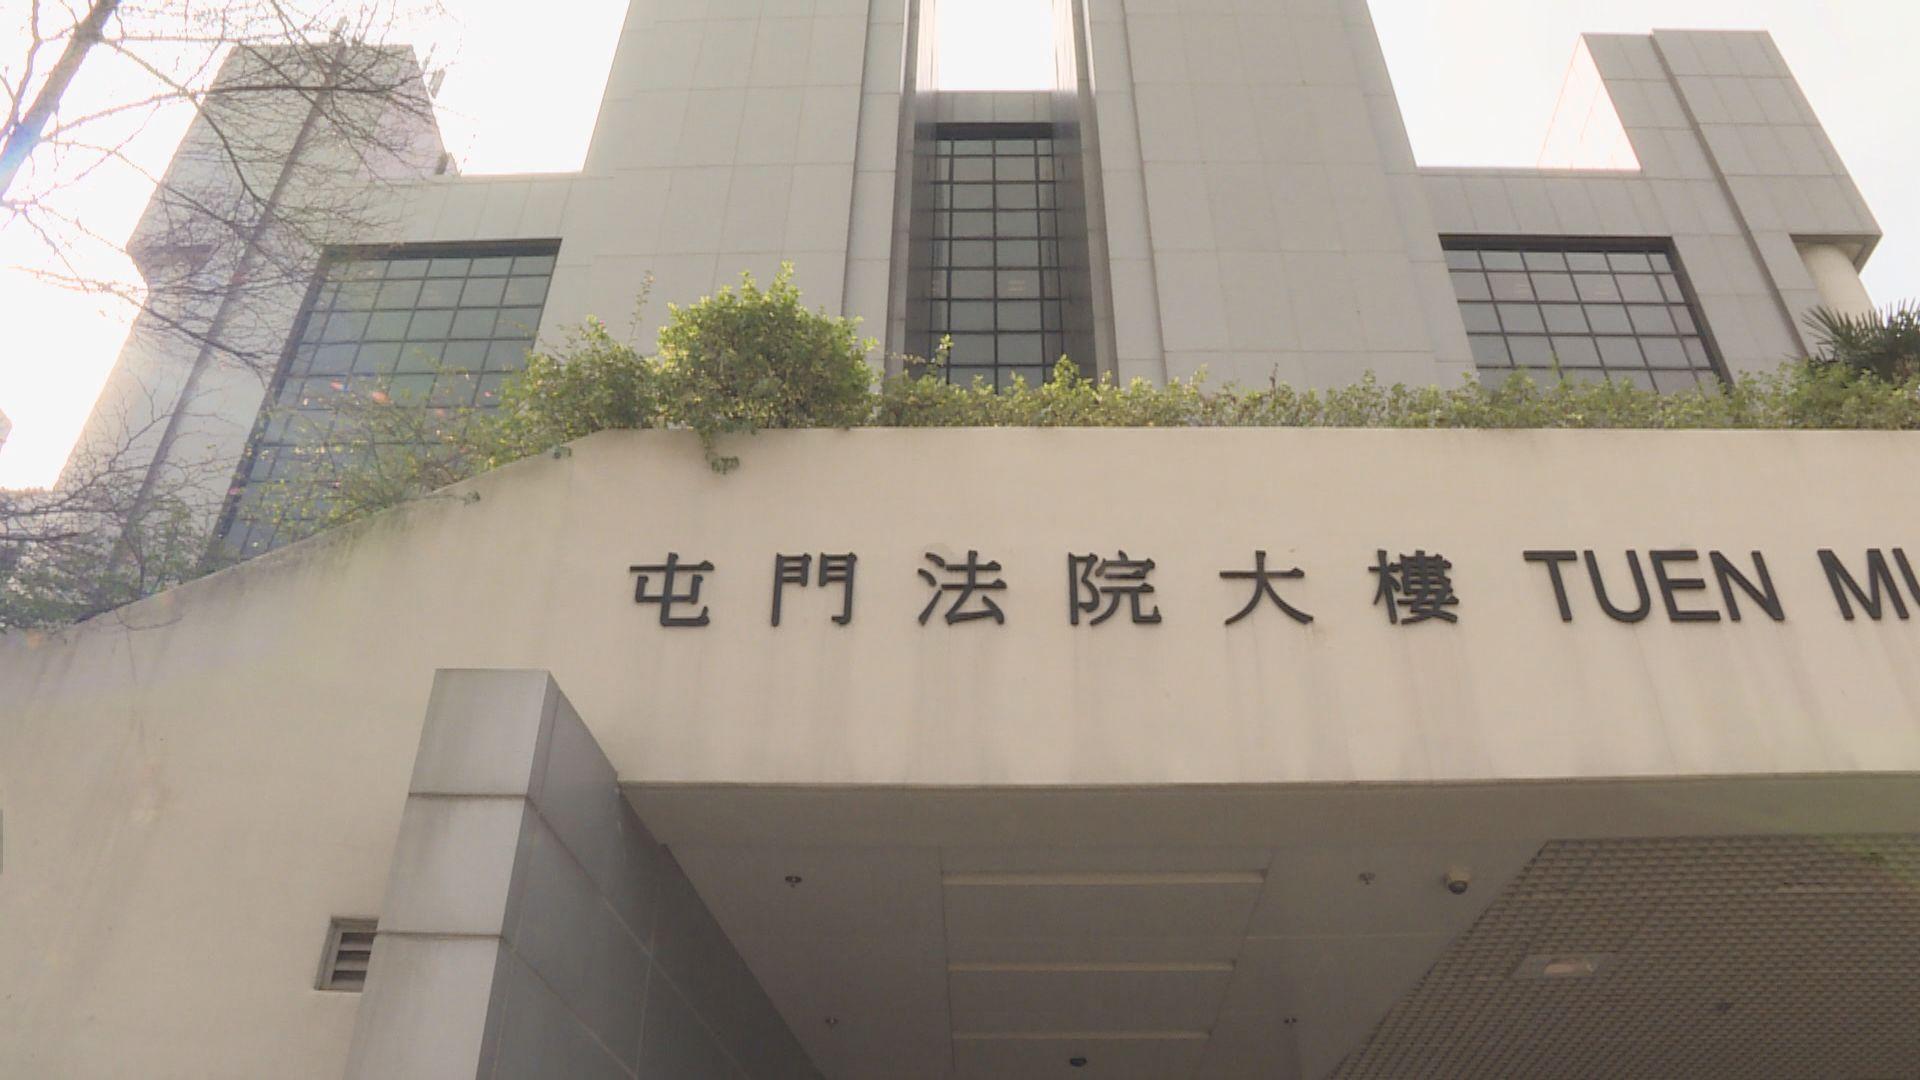 觀塘工廈單位搜出爆炸品 被告申請保釋被拒